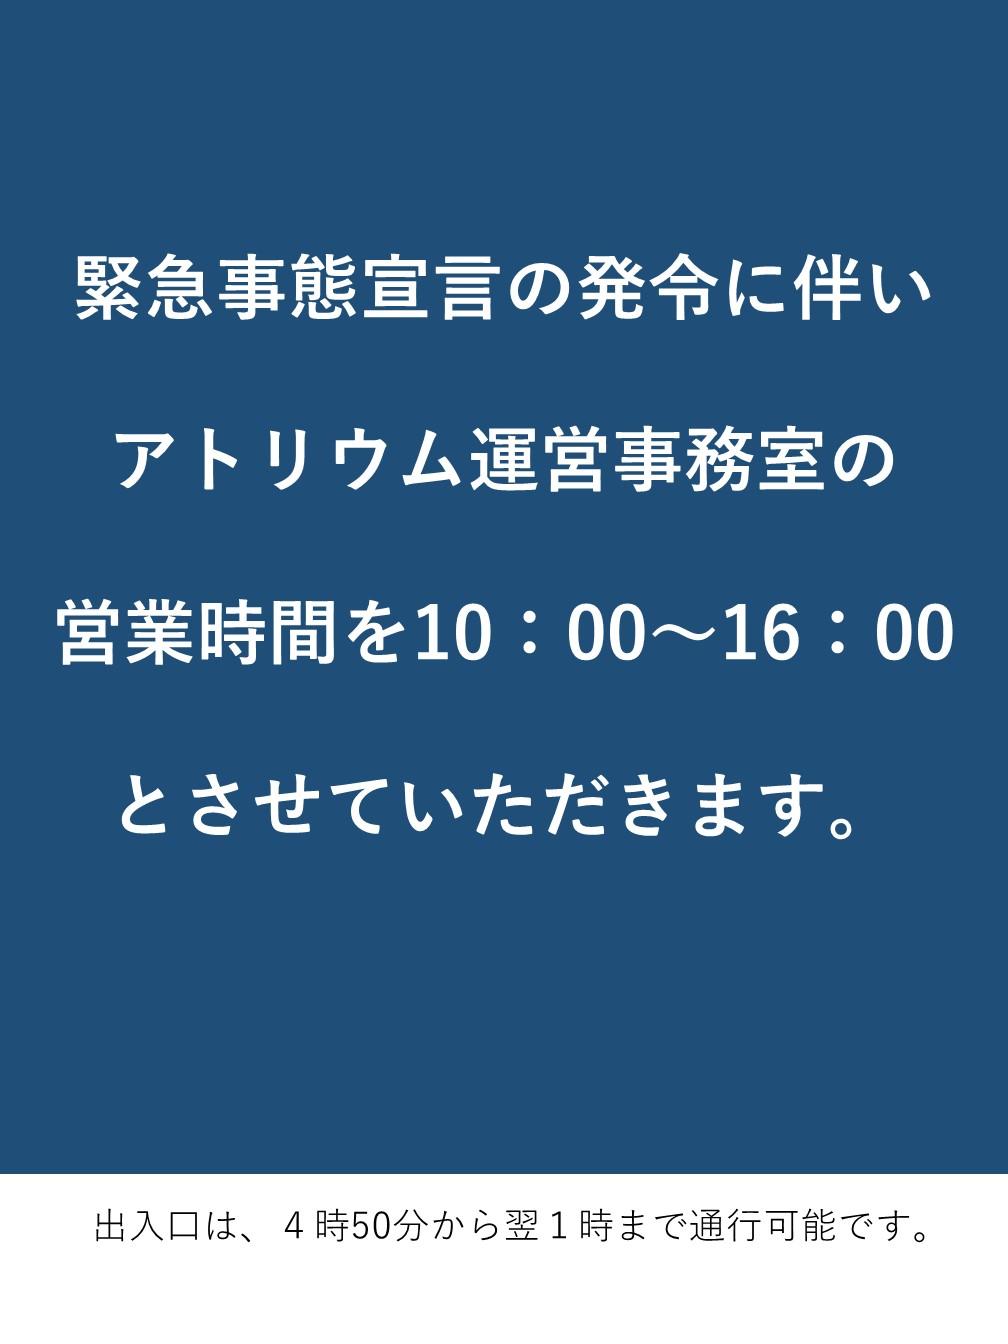 横浜市役所アトリウム運営事務室 営業時間変更のお知らせ